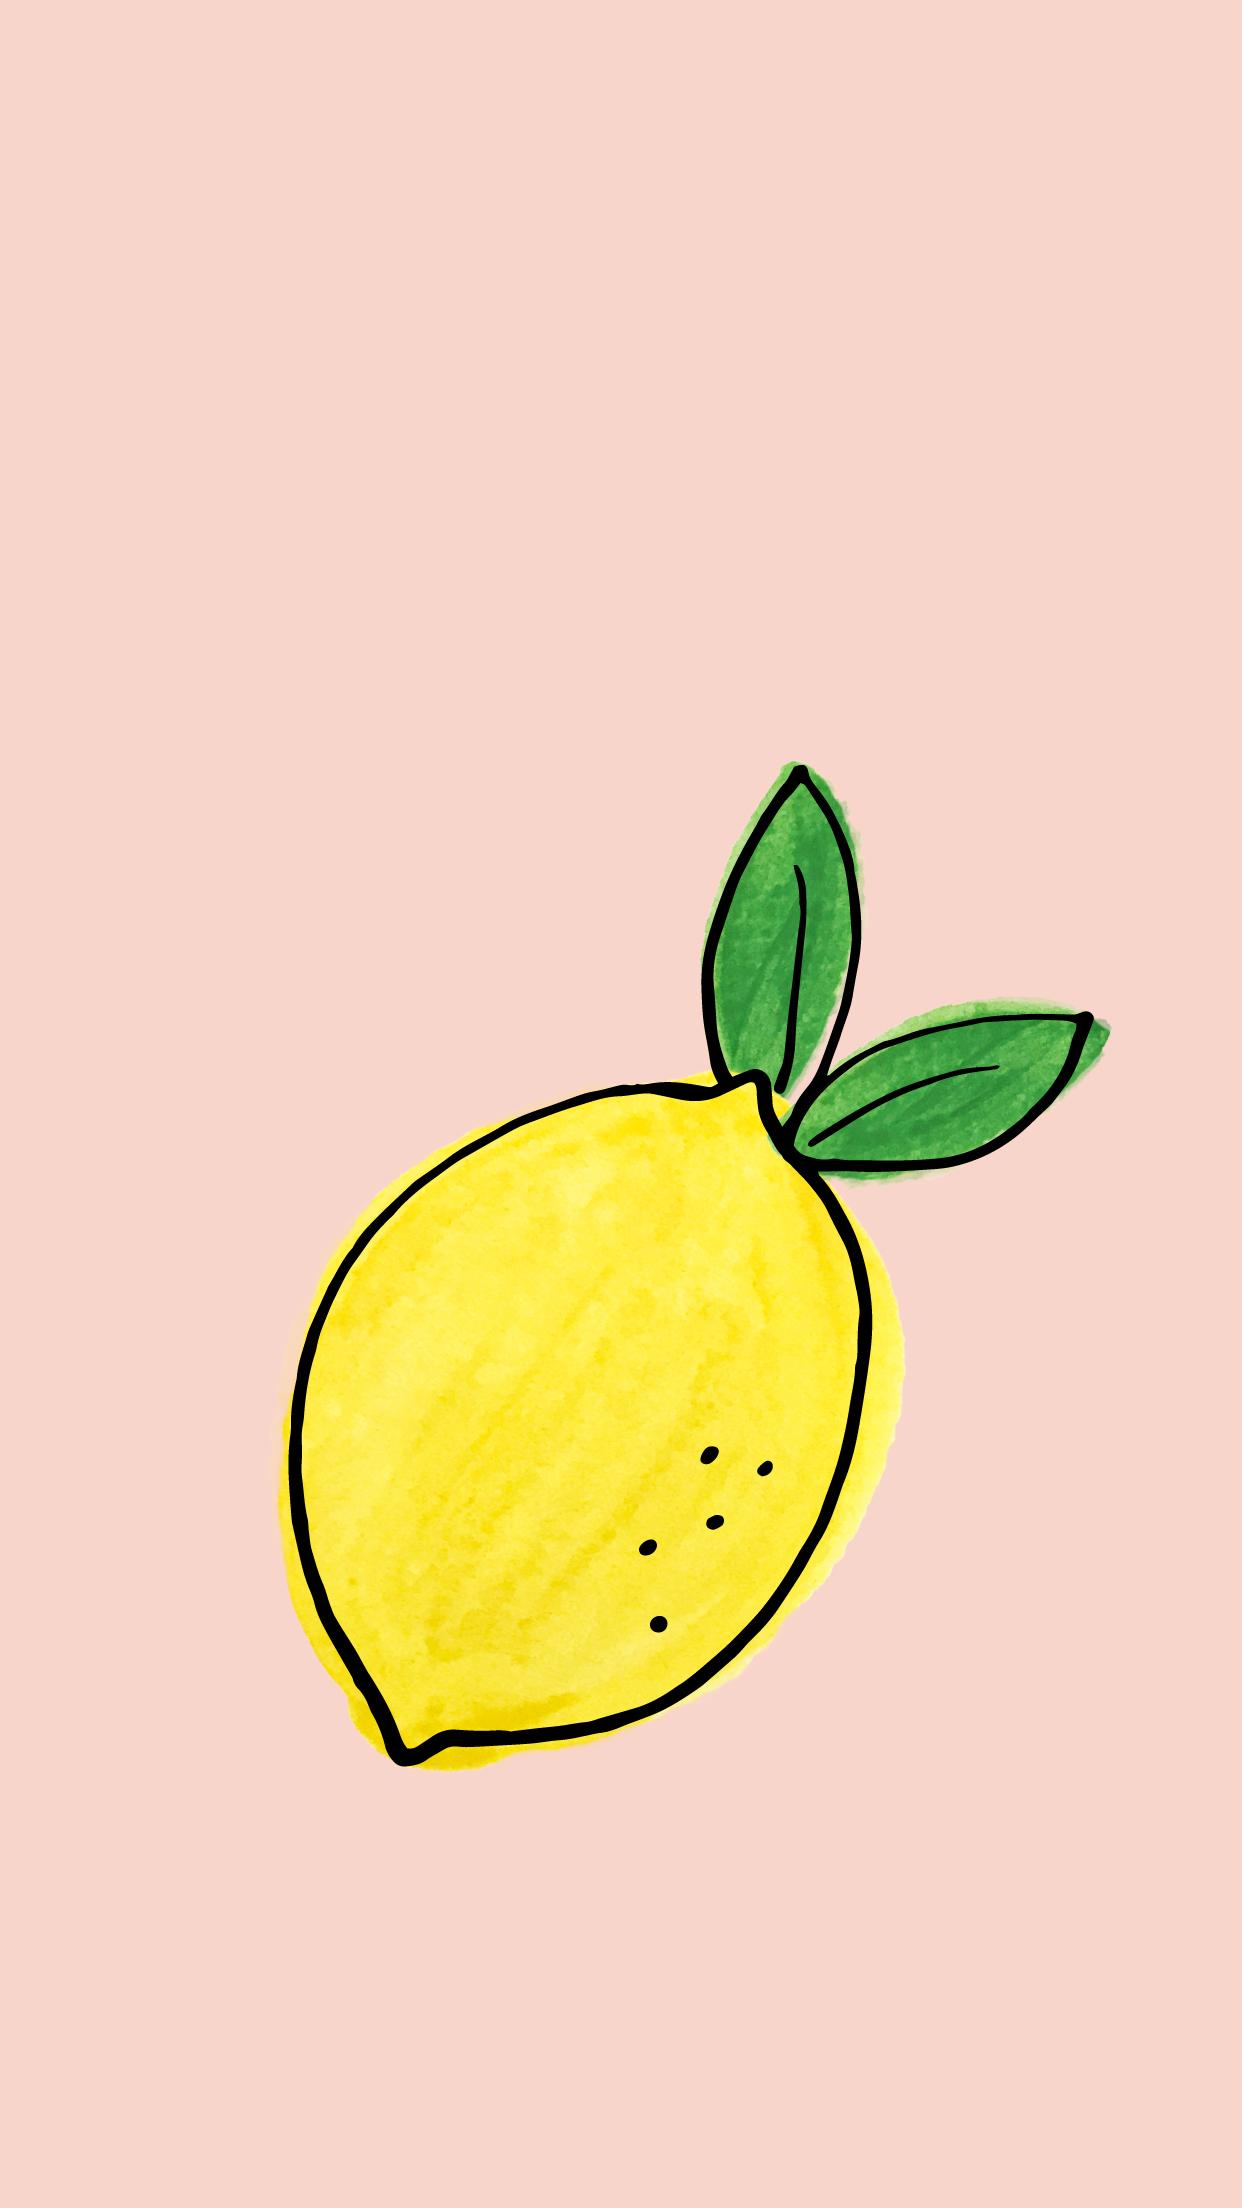 Styldbygrace_LemonSummer_PinkLemon_Wallpaper_Mobile